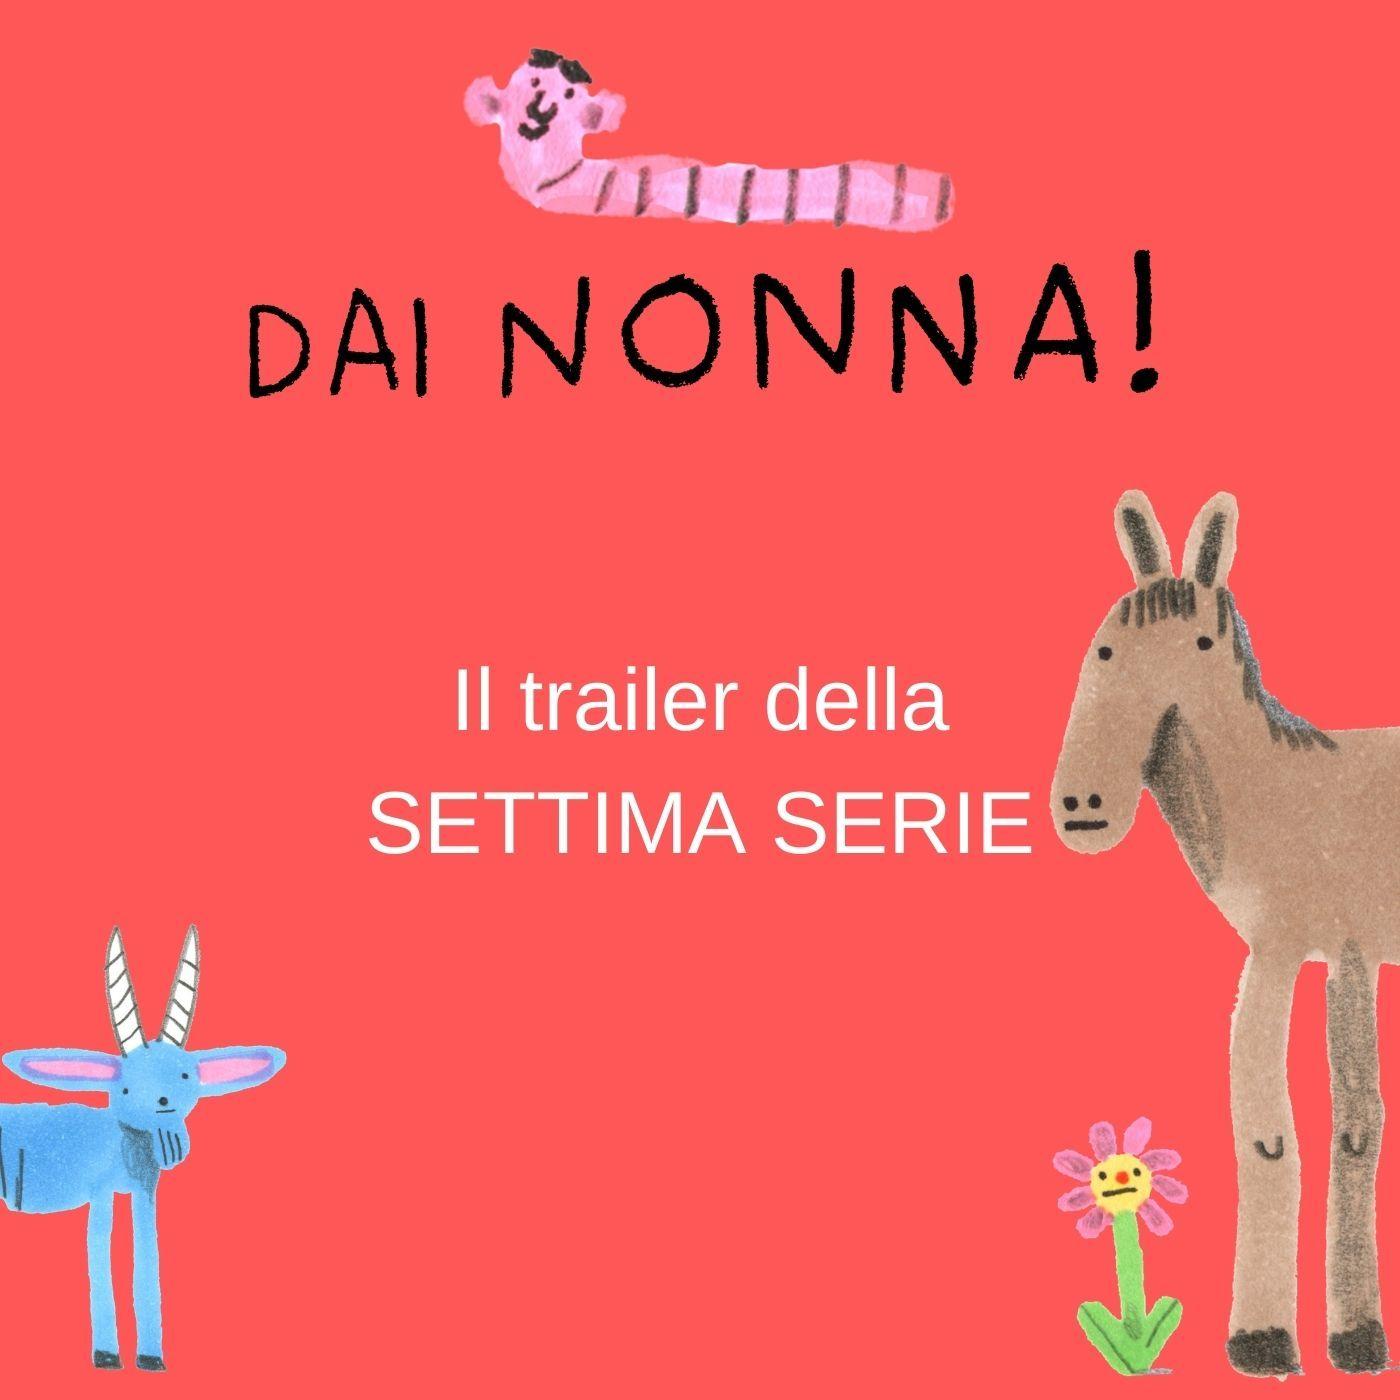 Trailer settima serie